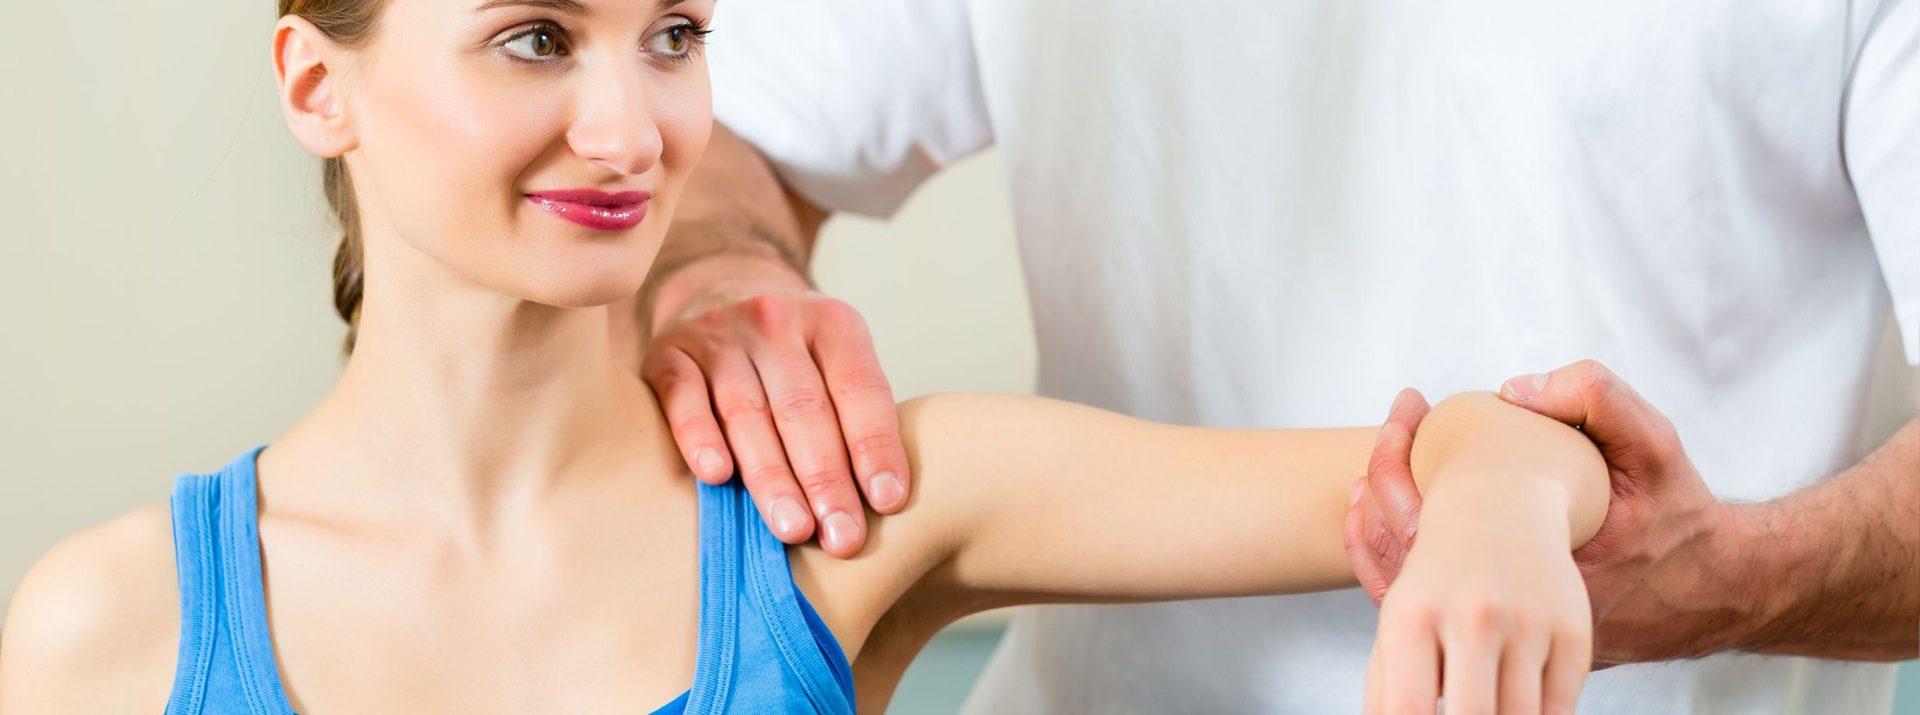 Masaż tao wewnętrznych organów, sesje uzdrawiania energetycznego, i rozbrajania ciała